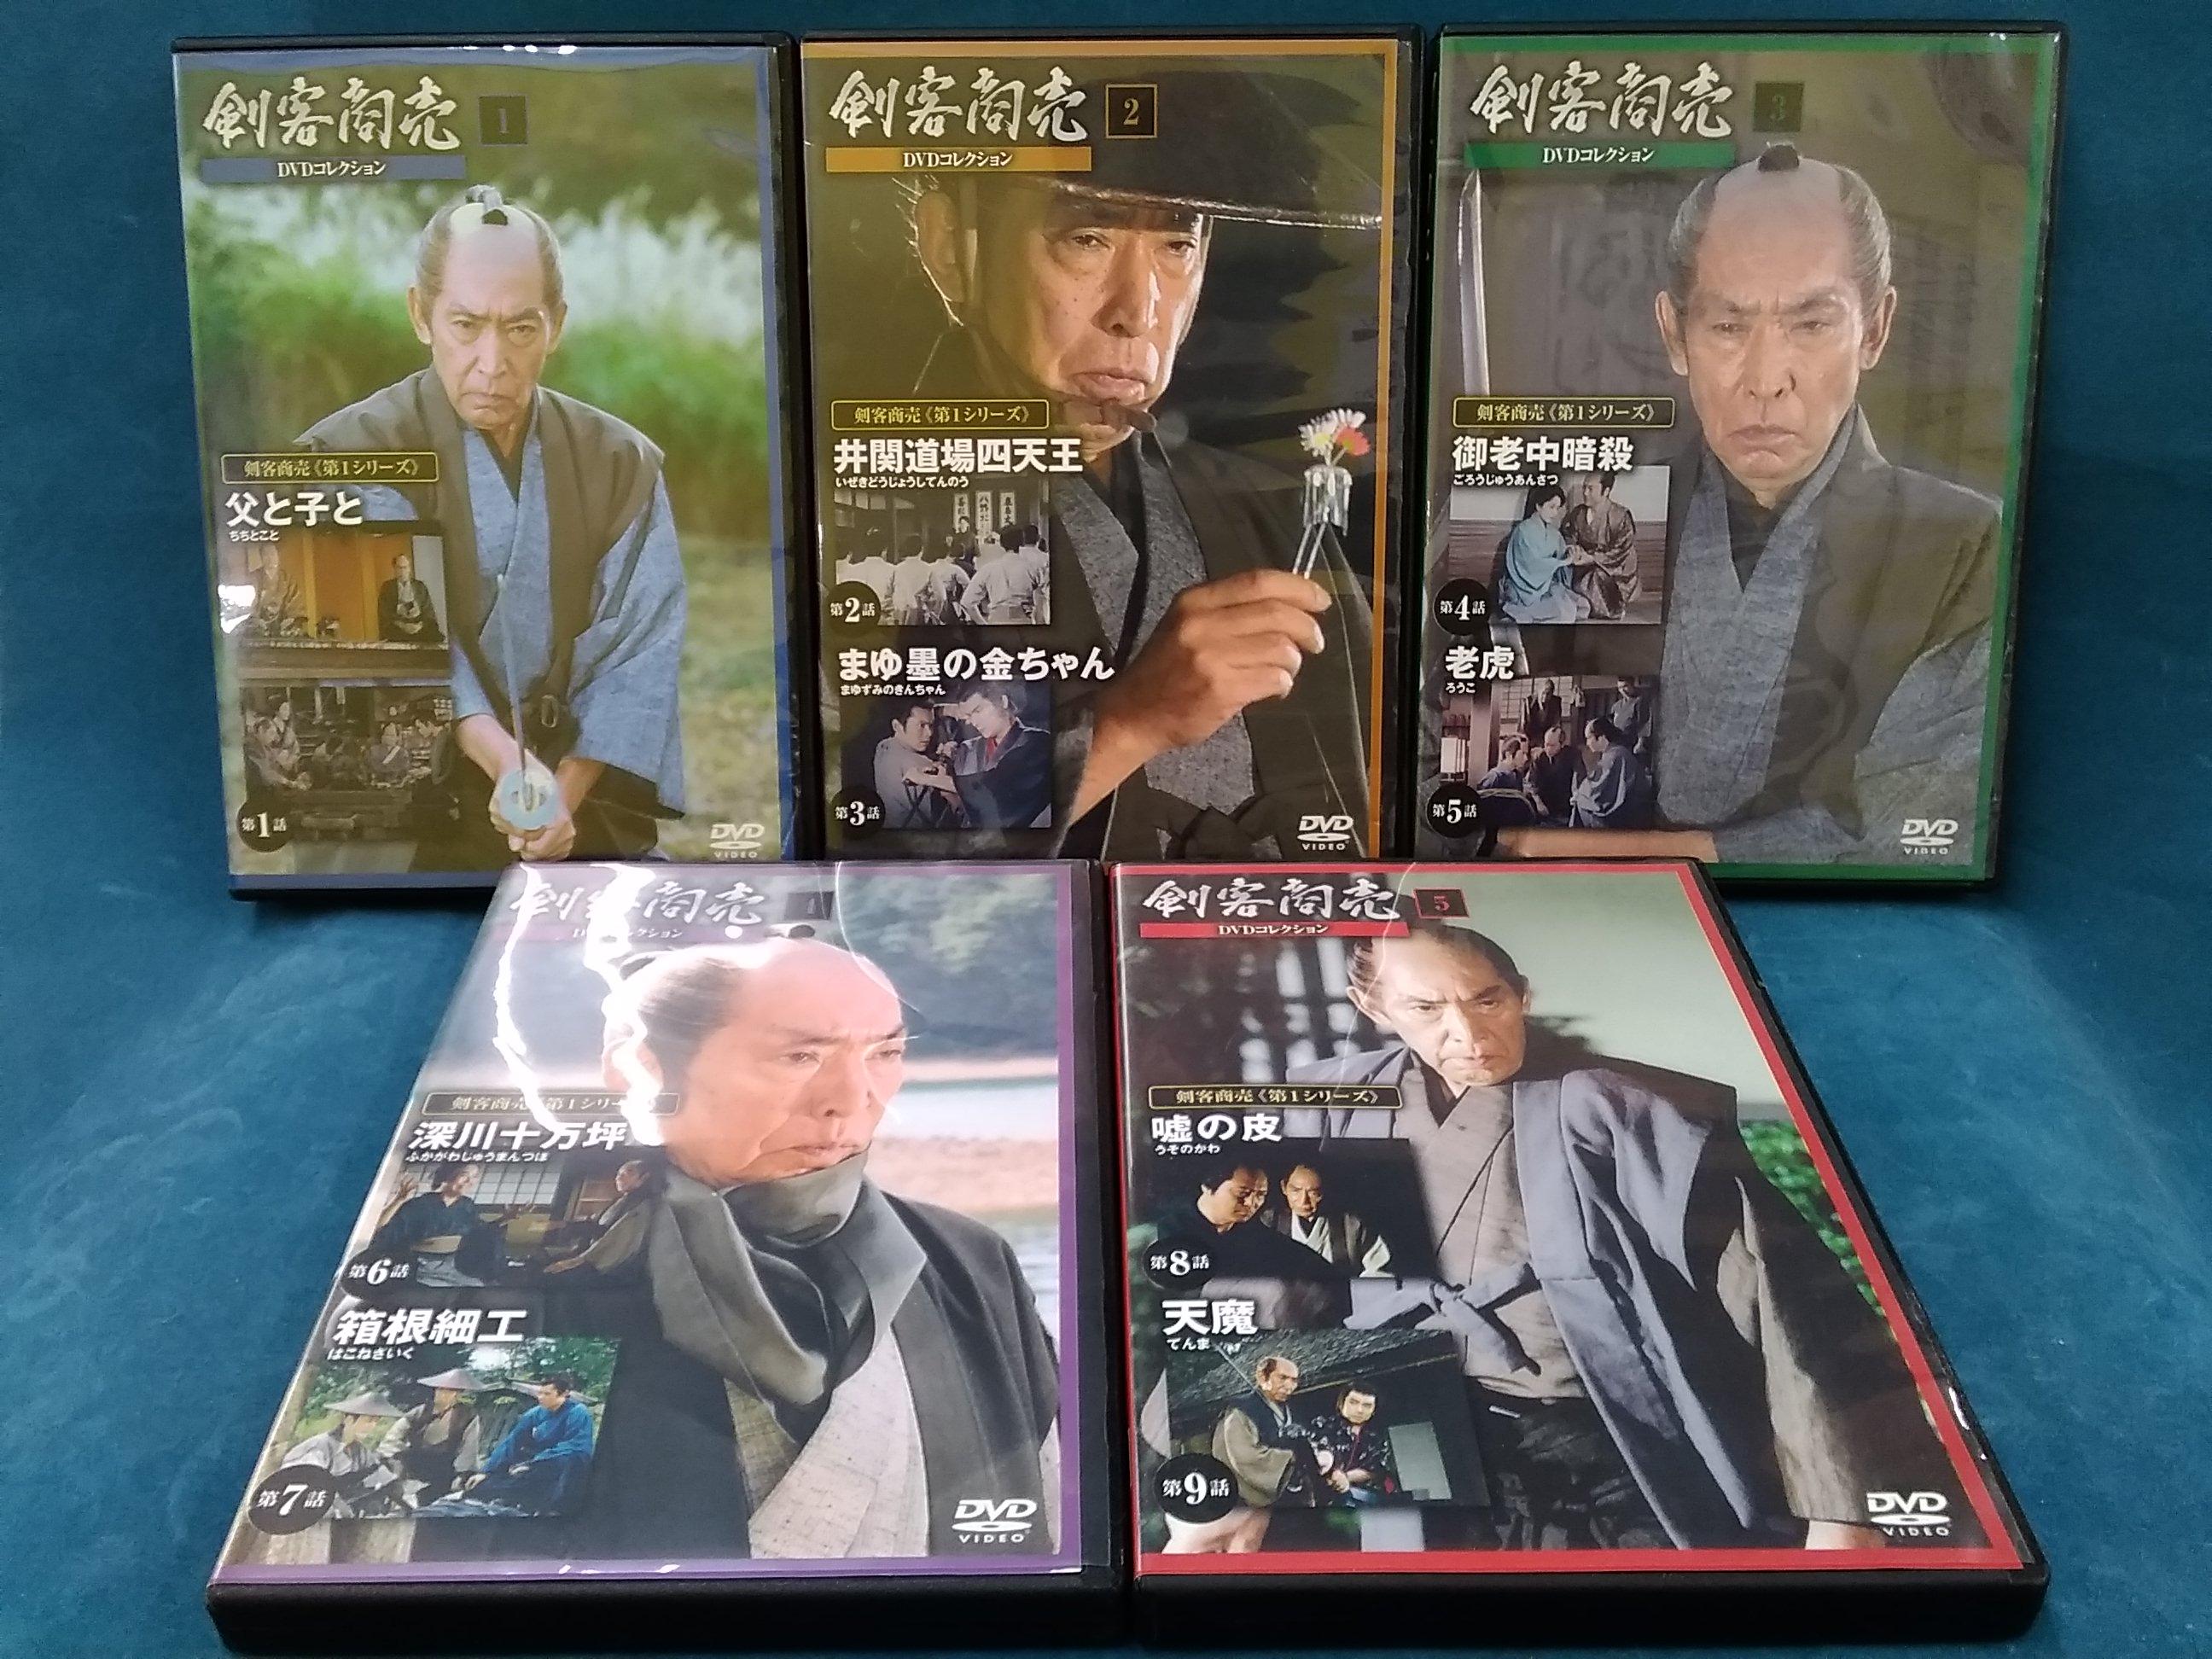 剣客商売DVDコレクション|デアゴスティーニ